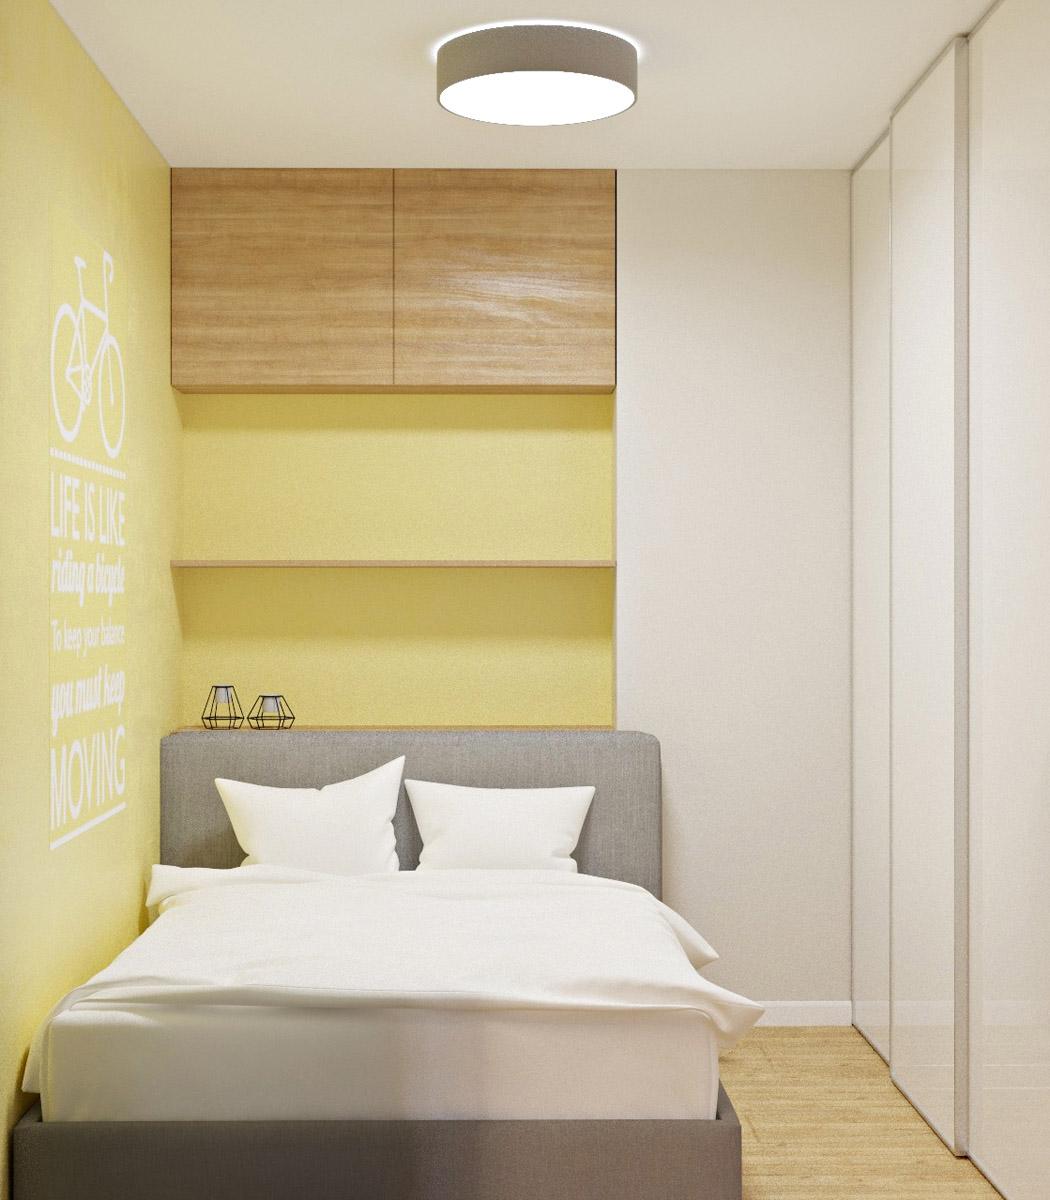 Дизайн спальної зони | проект Глушкова